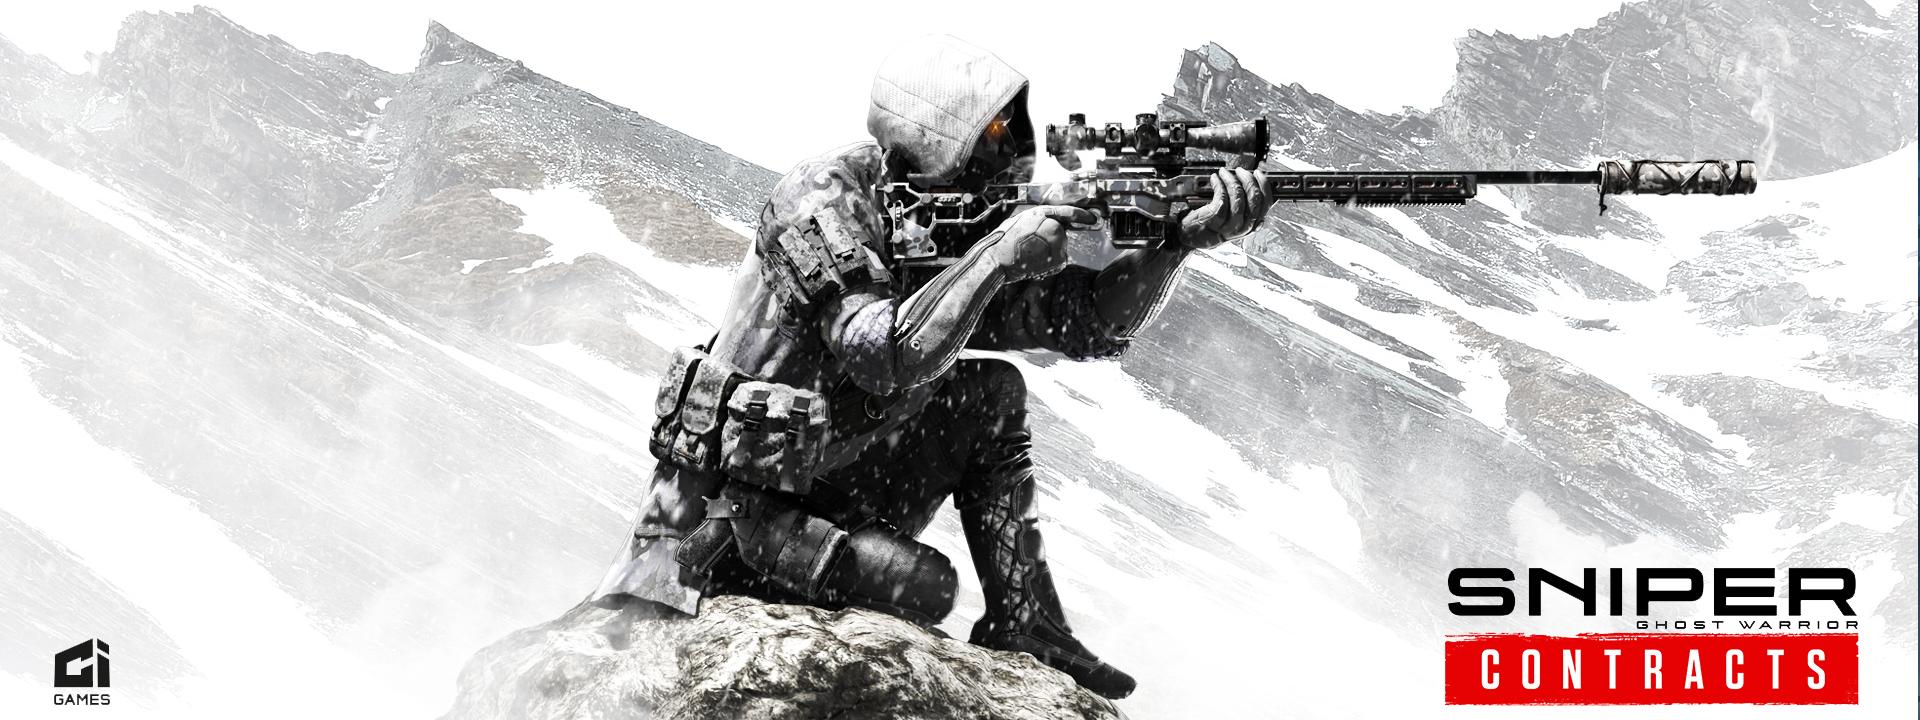 Sniper Ghost Warrior Contracts je krokem správným směrem